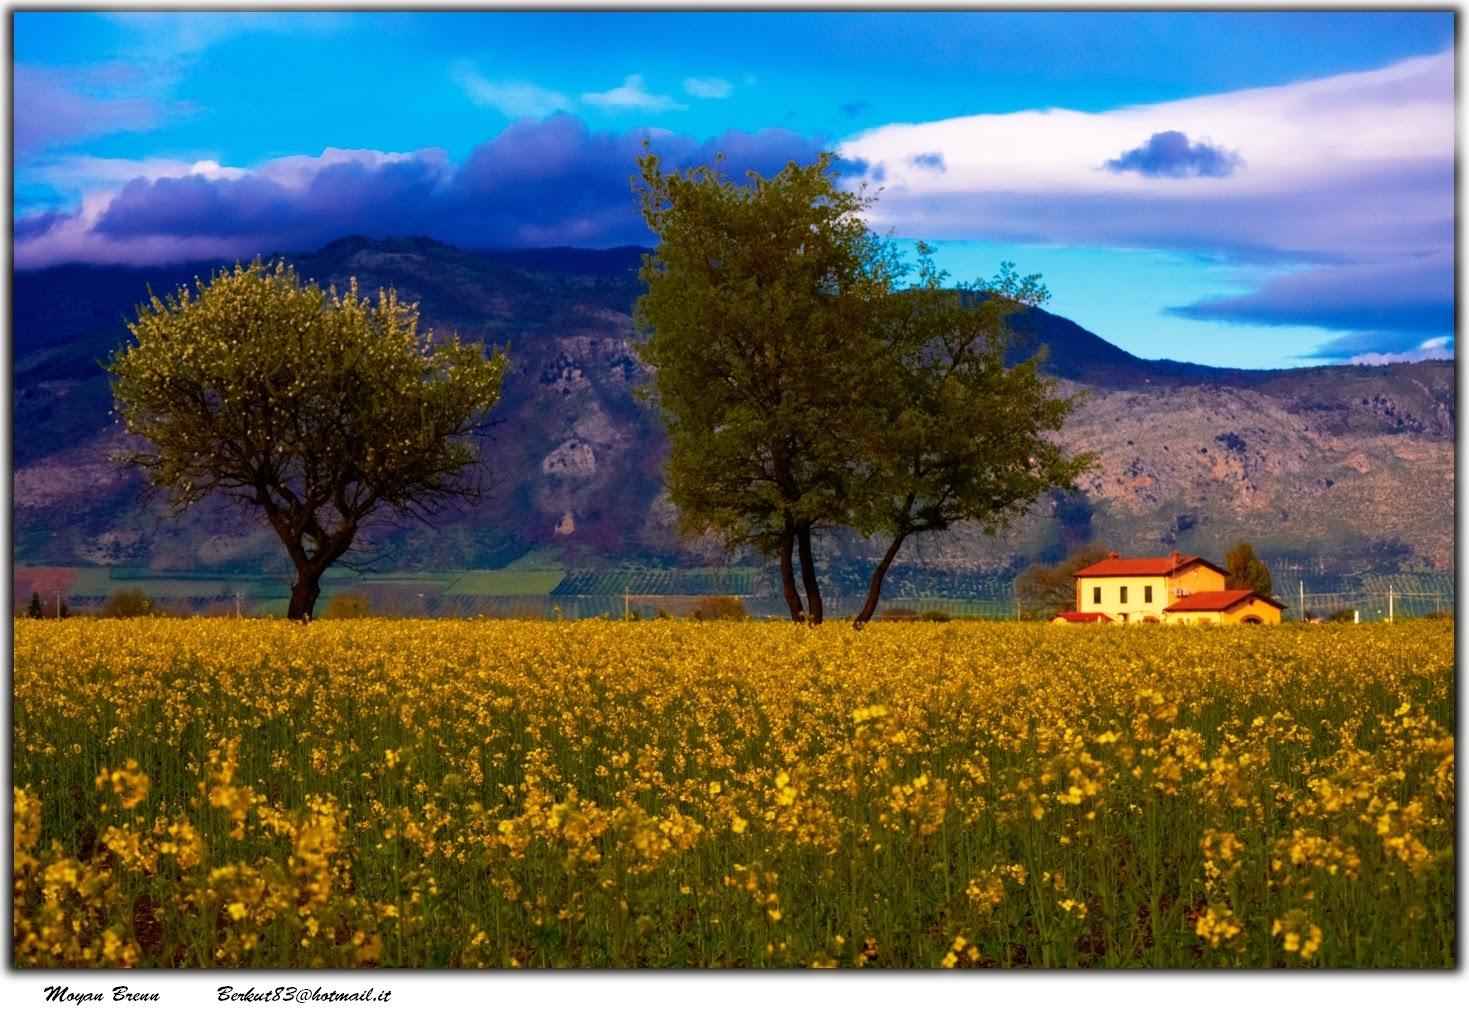 http://www.flickr.com/photos/aigle_dore/4651201666/in/photolist-861Cdb-9zerZS-a4VWq8-cjhHUA-e4tFtQ-848gkp-dJRB5D-d9zFDq-d6gsyW-fmd5Jq-aA3CRr-fnTEzu-eXN1Ya-g7pyU-fstQMm-dQoNwe-3k1DUL-3jVV8D-bWE5vE-bWE5Js-bWE6xQ-bWE57U-bWE6pA-57g3jE-fBwdB5-8CDRTX-hvVuov-fpwo4x-bLWDAr-dQZam7-5pzJVG-hJcDJv-dQZaPY-dQTB5z-dQTGbM-dQZeqN-dQZdq9-jDtxQ8-c7zHF9-6tFSWn-8CaYRm-k51JeN-7fD2j9-fQc3wH-fomkYS-8SjYsh-7ZQYvq-4jygEX-9MvUj5-cLR59E-aPcehZ/